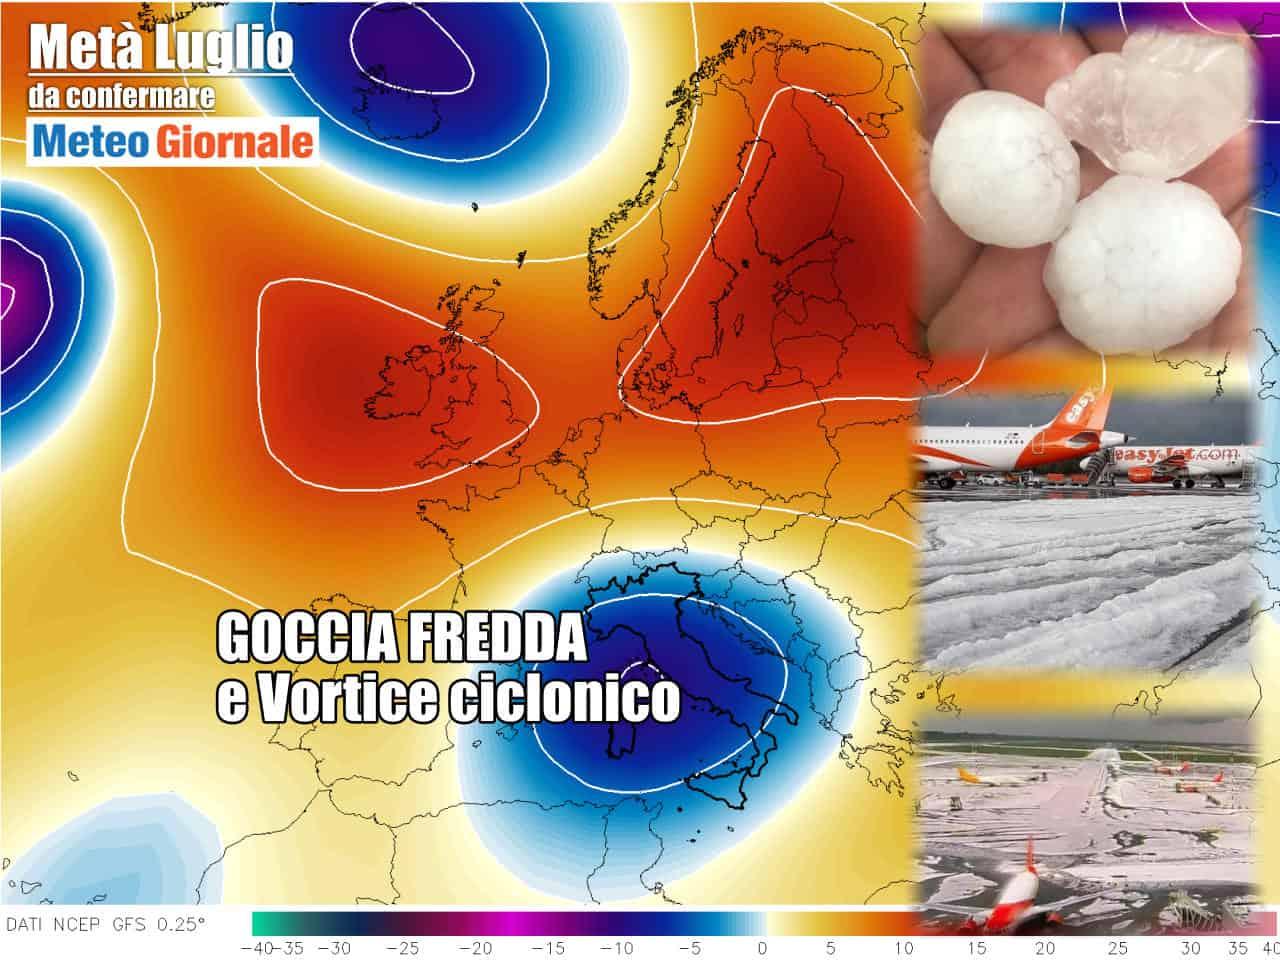 meteo con escalation temporali - Gran TRAMBUSTO meteo. Svolta per Vortice Freddo. Di nuovo Grandine